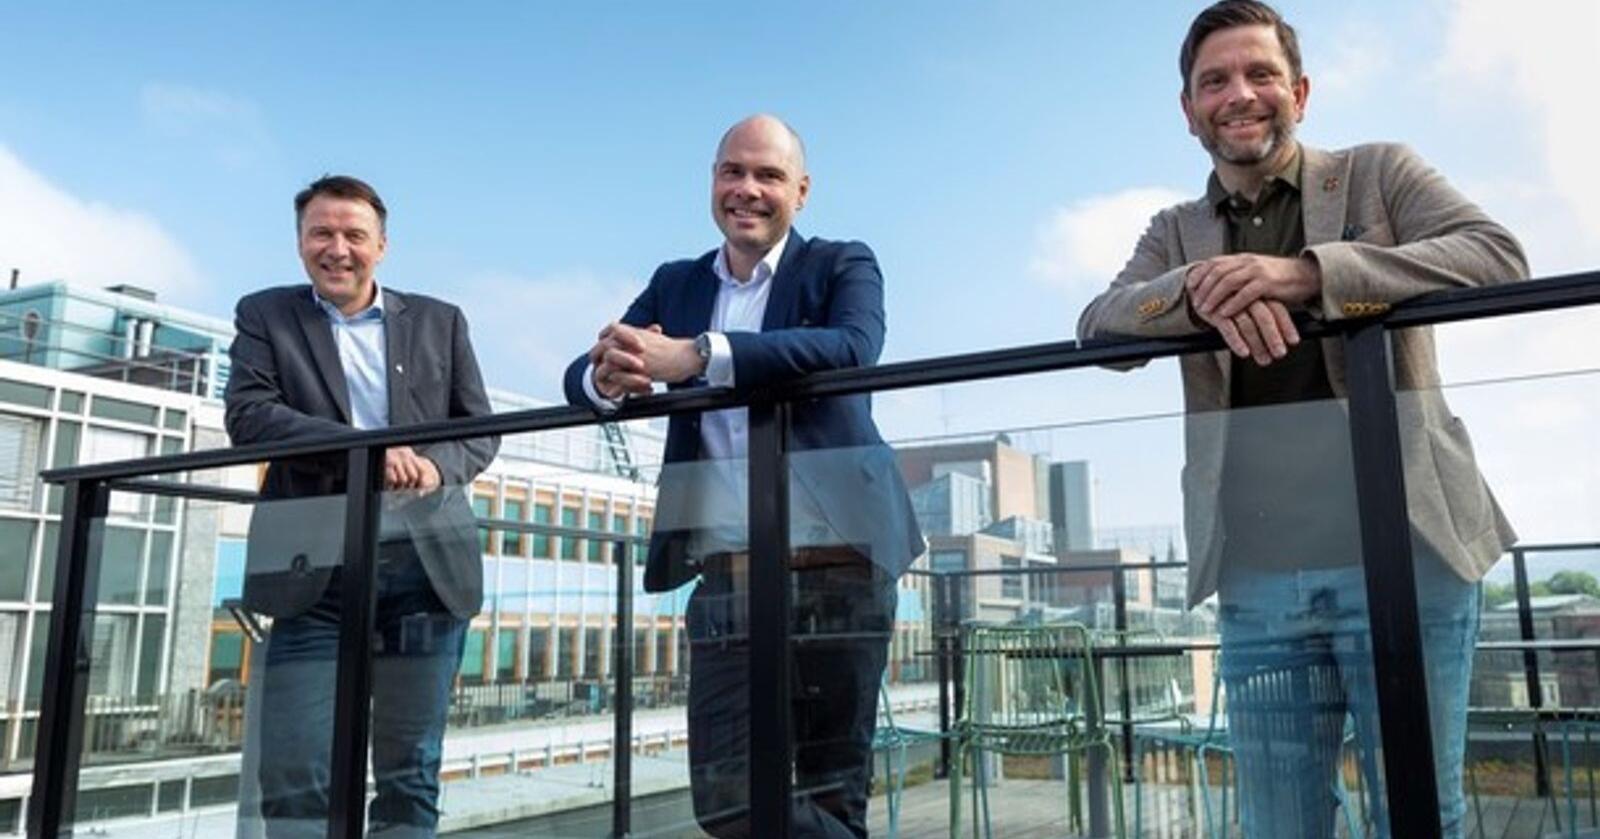 Fra venstre: Leder Lars Petter Bartnes, Norges Bondelag, konsernsjef Anders Møller Opdahl, Amedia og styreleder Kjell S. Rakkenes i Tun Media. Foto: Werner Juvik, Amedia.